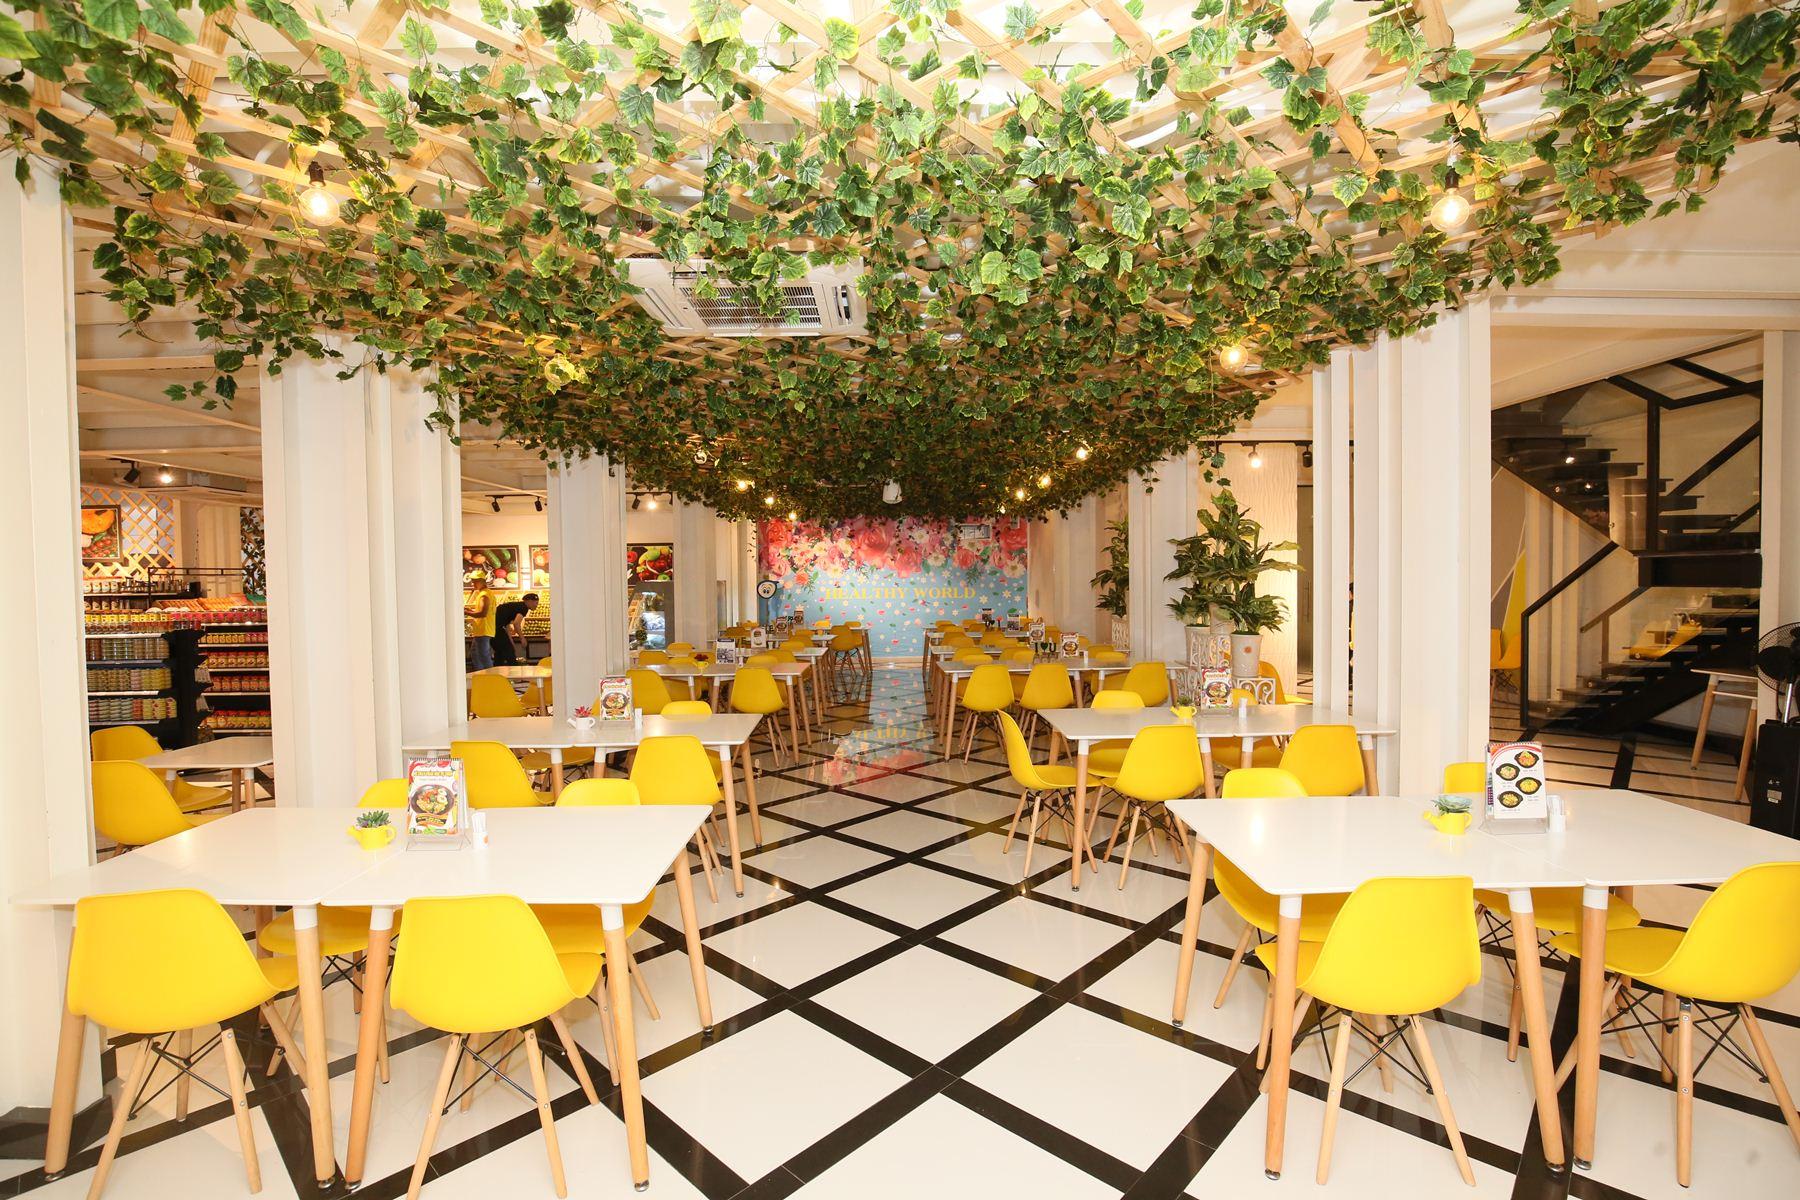 Nhà hàng Âu Lạc Healthy World thu hút các bạn trẻ với buffet hơn 150 món chay - Ảnh 4.